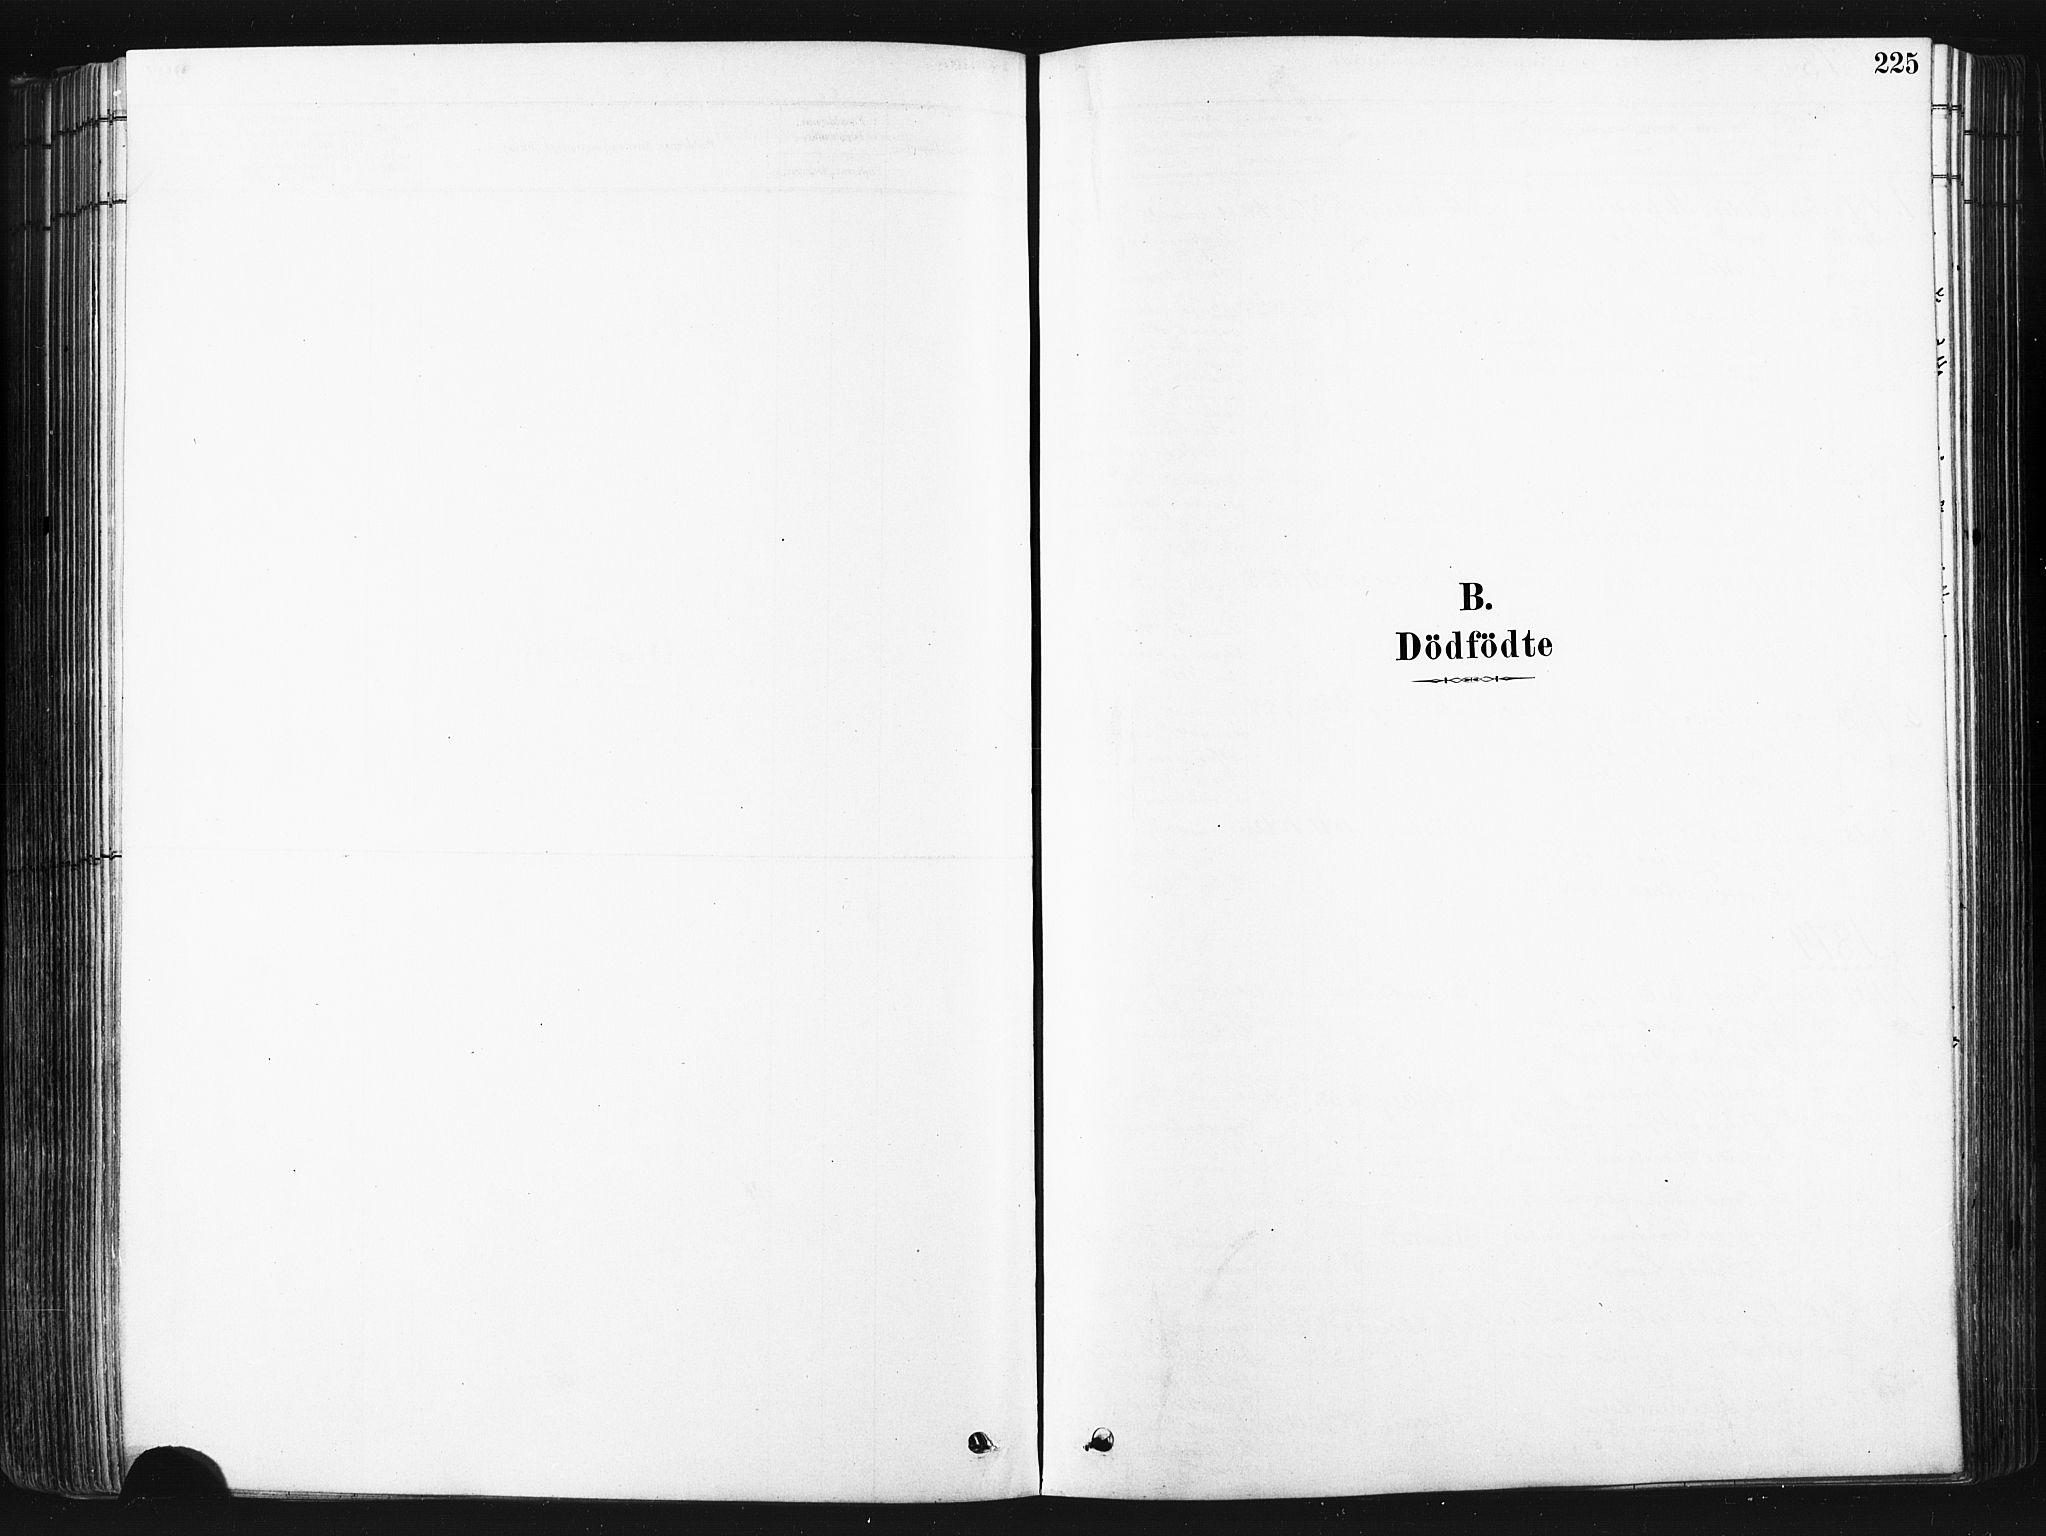 SATØ, Trondenes sokneprestkontor, H/Ha/L0014kirke: Ministerialbok nr. 14, 1878-1889, s. 225